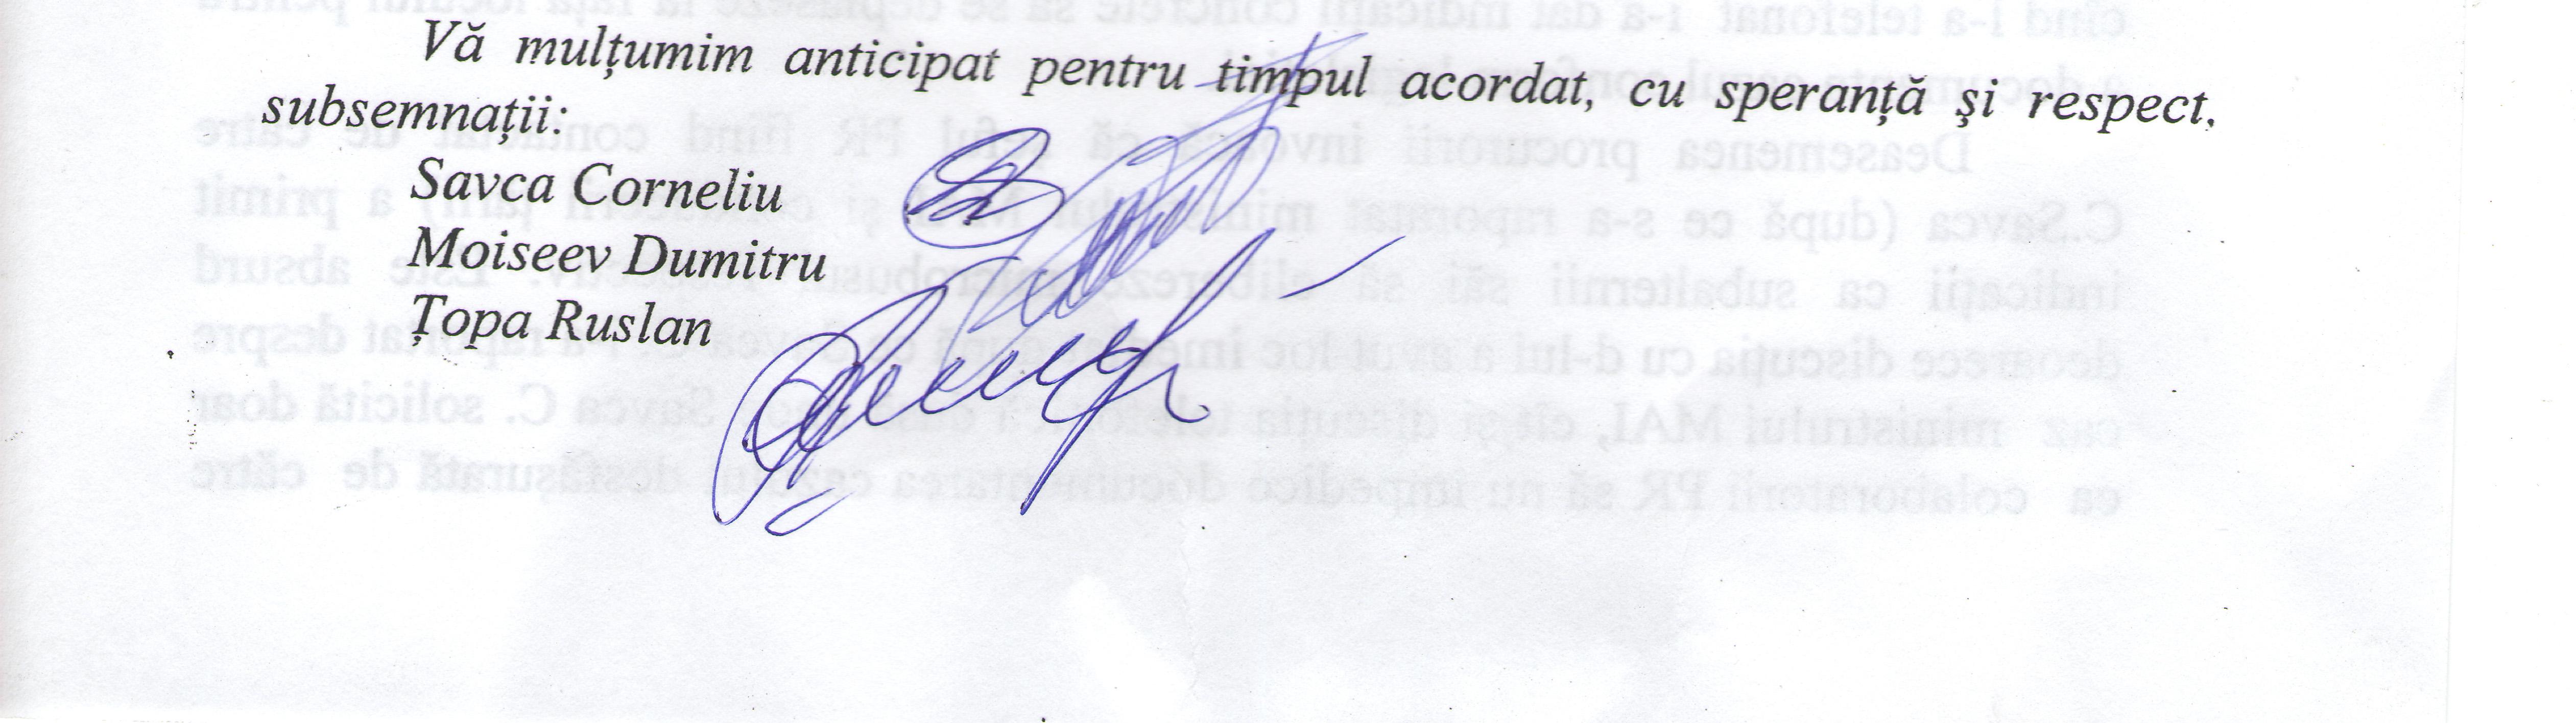 semnaturile-heroina.jpg